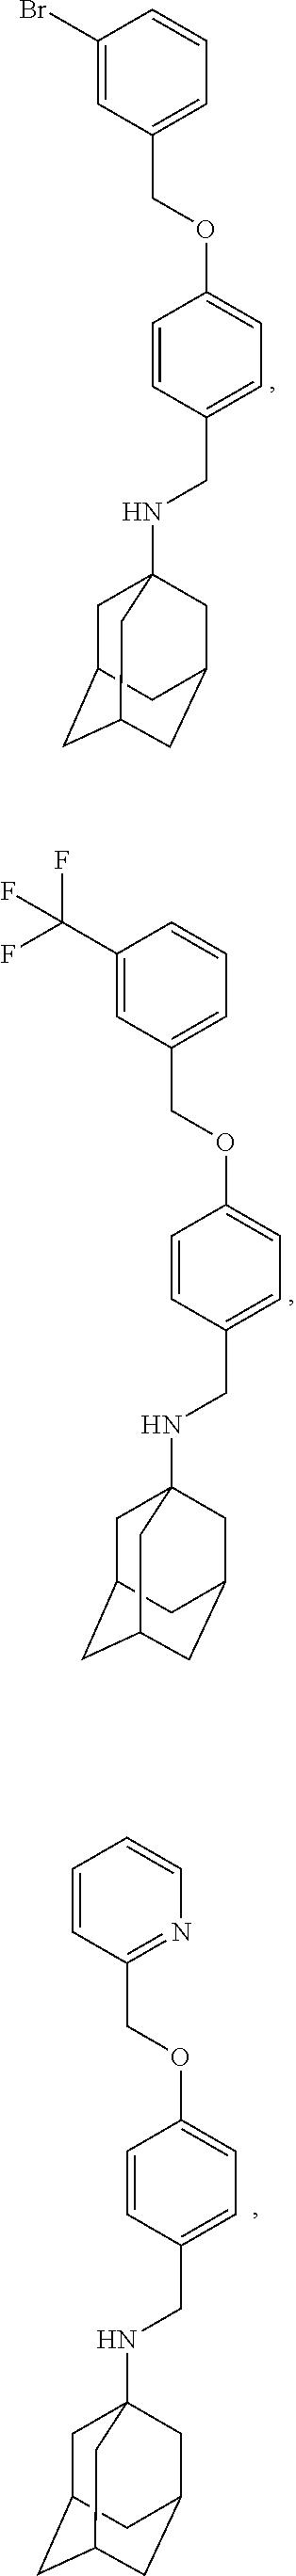 Figure US09884832-20180206-C00131